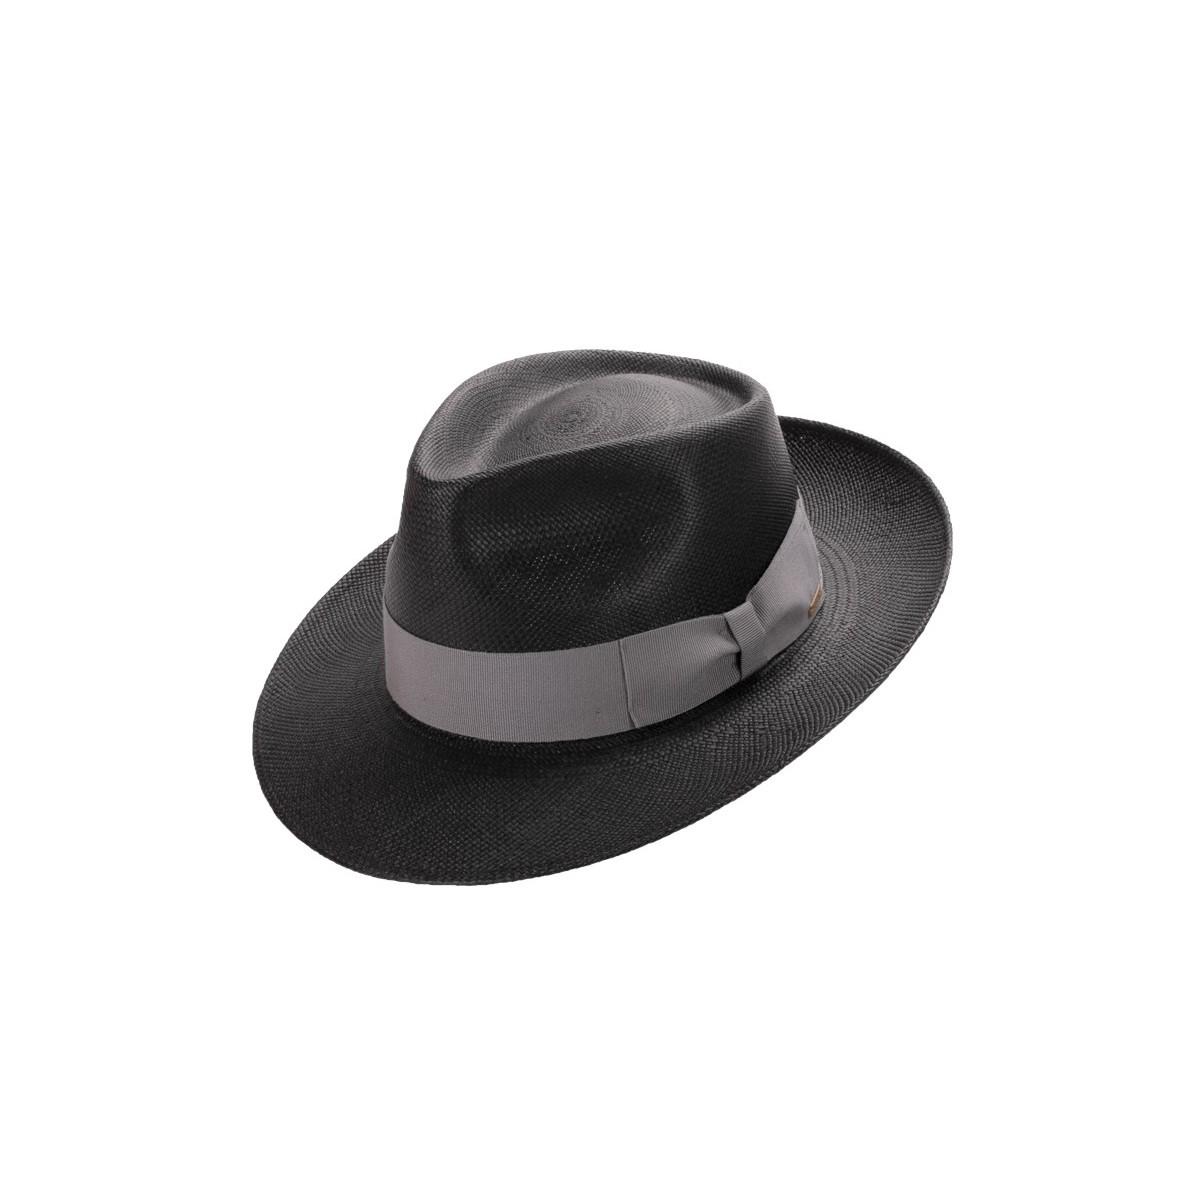 Daren sombrero de hombre panamá color negro con cinta gris. Fernández y ROCHE